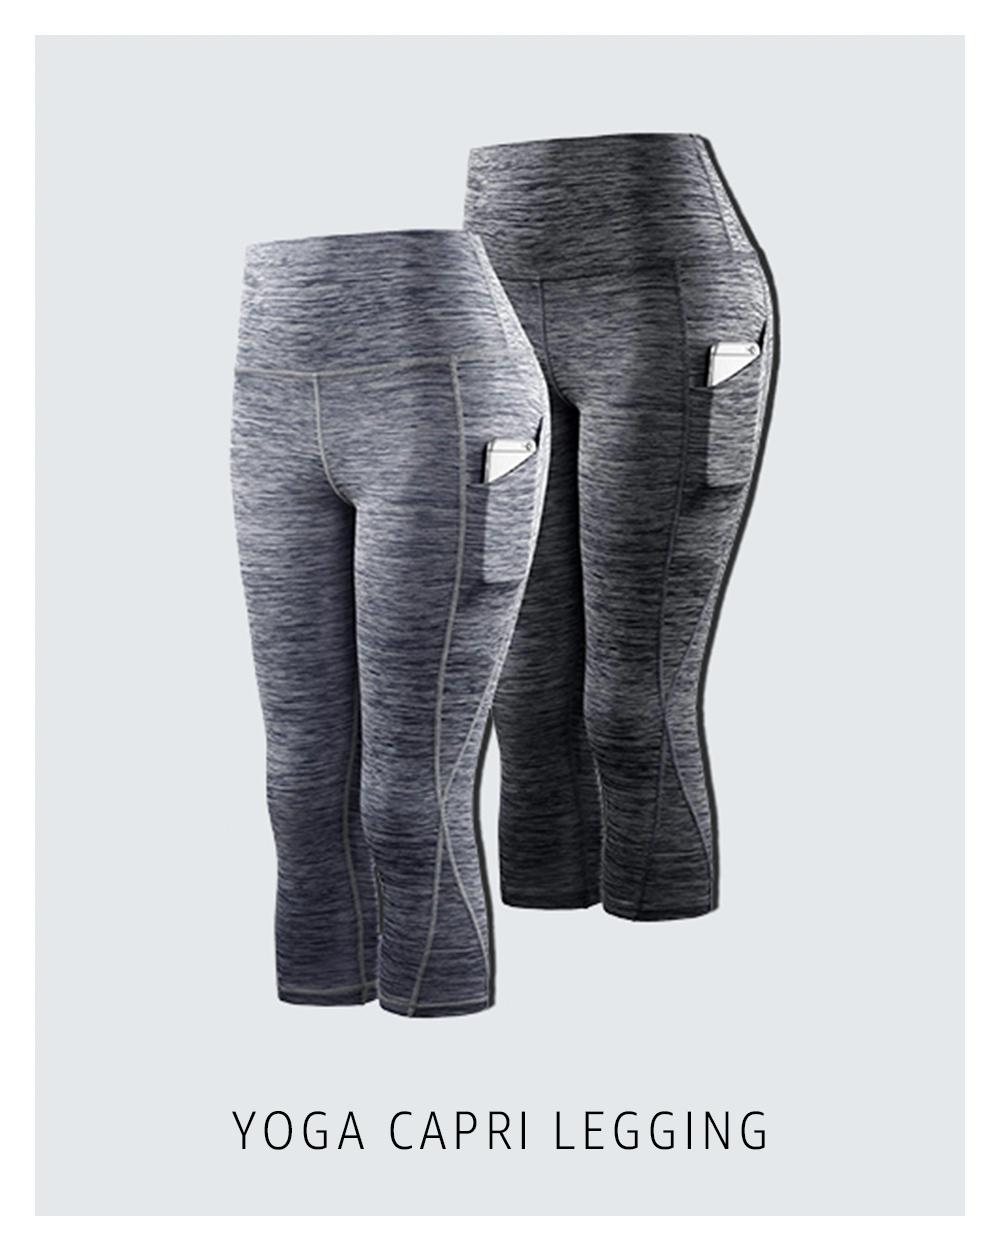 Yoga capri legging